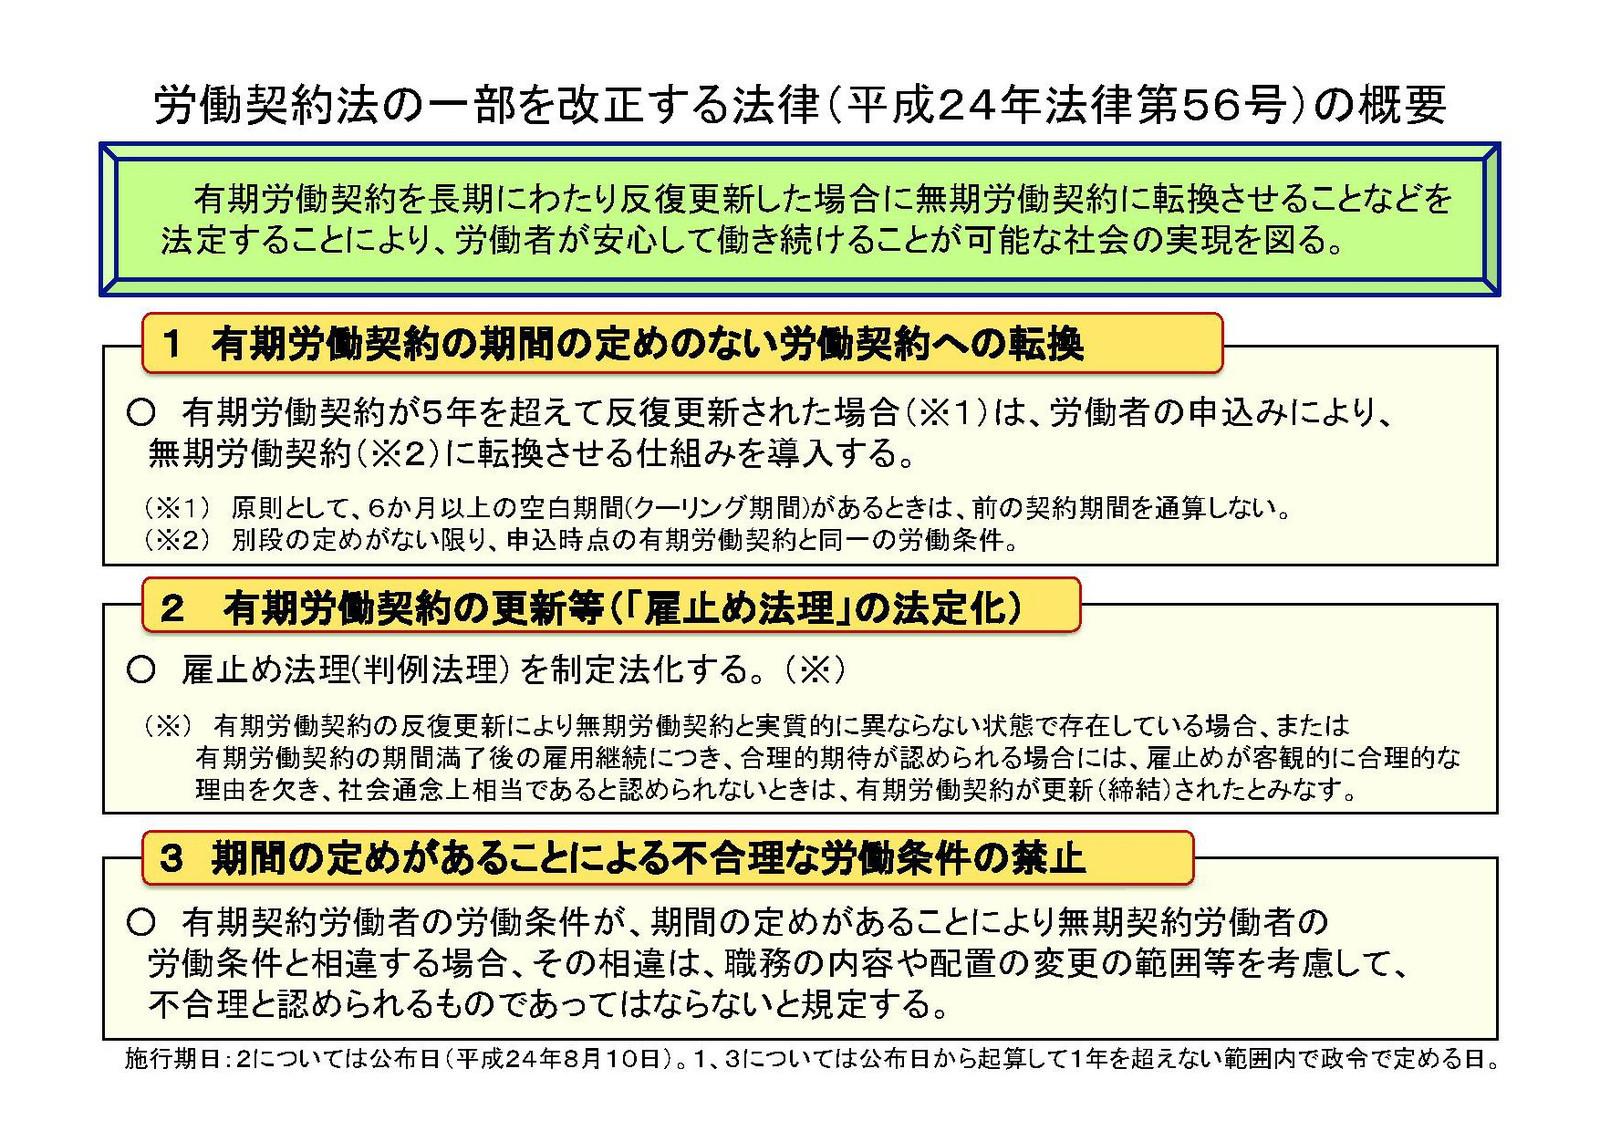 労働契約法の改正詳細① 「有期労働契約の期間の定めのない労働契約へ ...